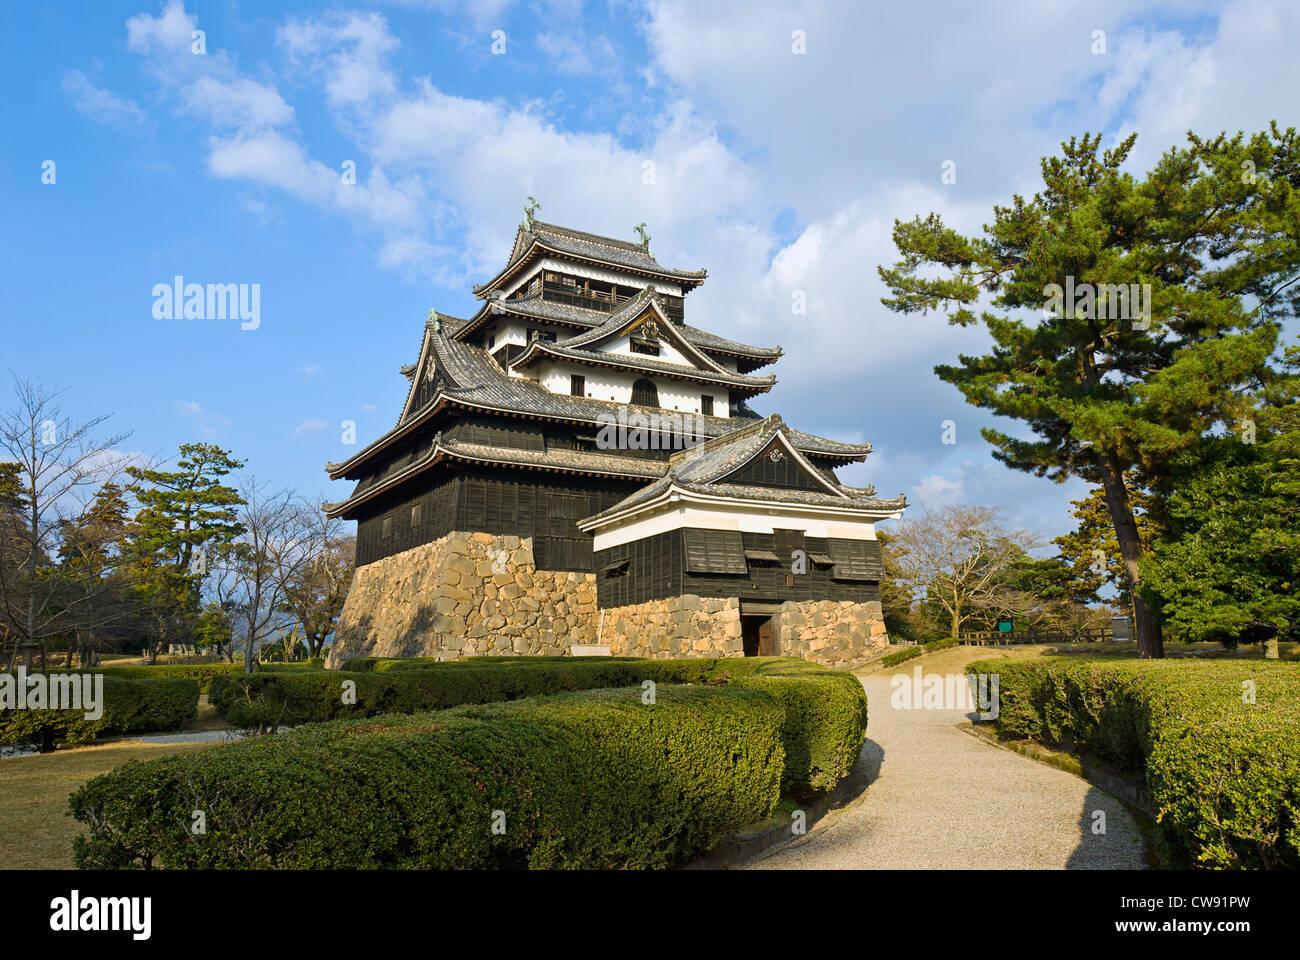 Matsue Castello, prefettura di Shimane, Giappone. Il castello medievale di legno, c. 1622. Immagini Stock